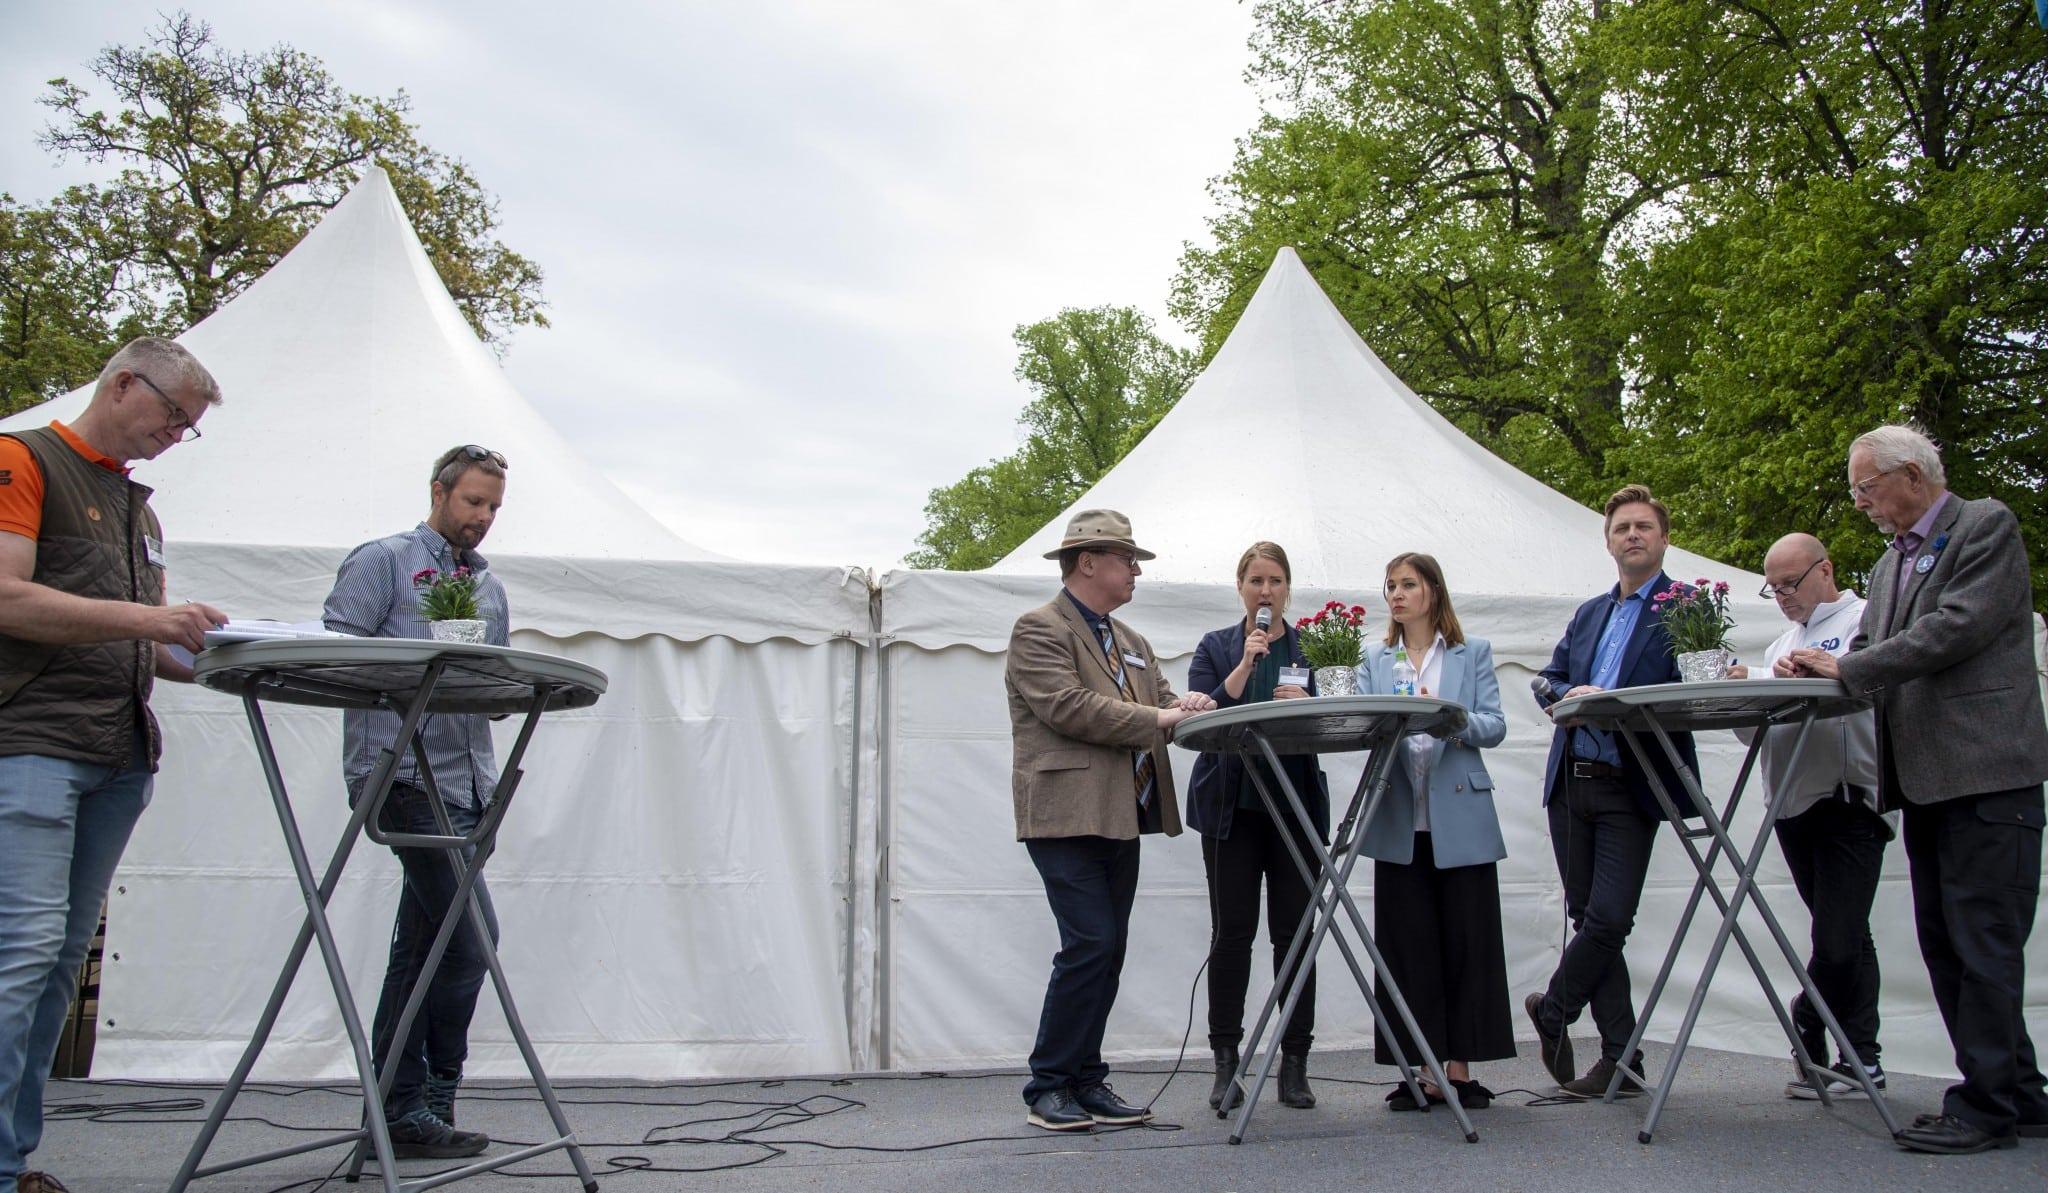 Paneldebatt om jakt- och fiskefrågor med inbjudna politiker, under ledning av Jägareförbundets generalsekreterare Bo Sköld och Nils Ljunggren från Sveriges Sportfiske- och Fiskevårdsförbund. Från vänster: Bö Sköld (Jägareförbundet), Nils Ljunggren (Sportfiskarna), Erik Bergkvist (S), Emma Wiesner (C), Ella Bohlin (KD), Christian Holm Barenfeld (M), Runar Filper (SD), Hadar Cars (L).